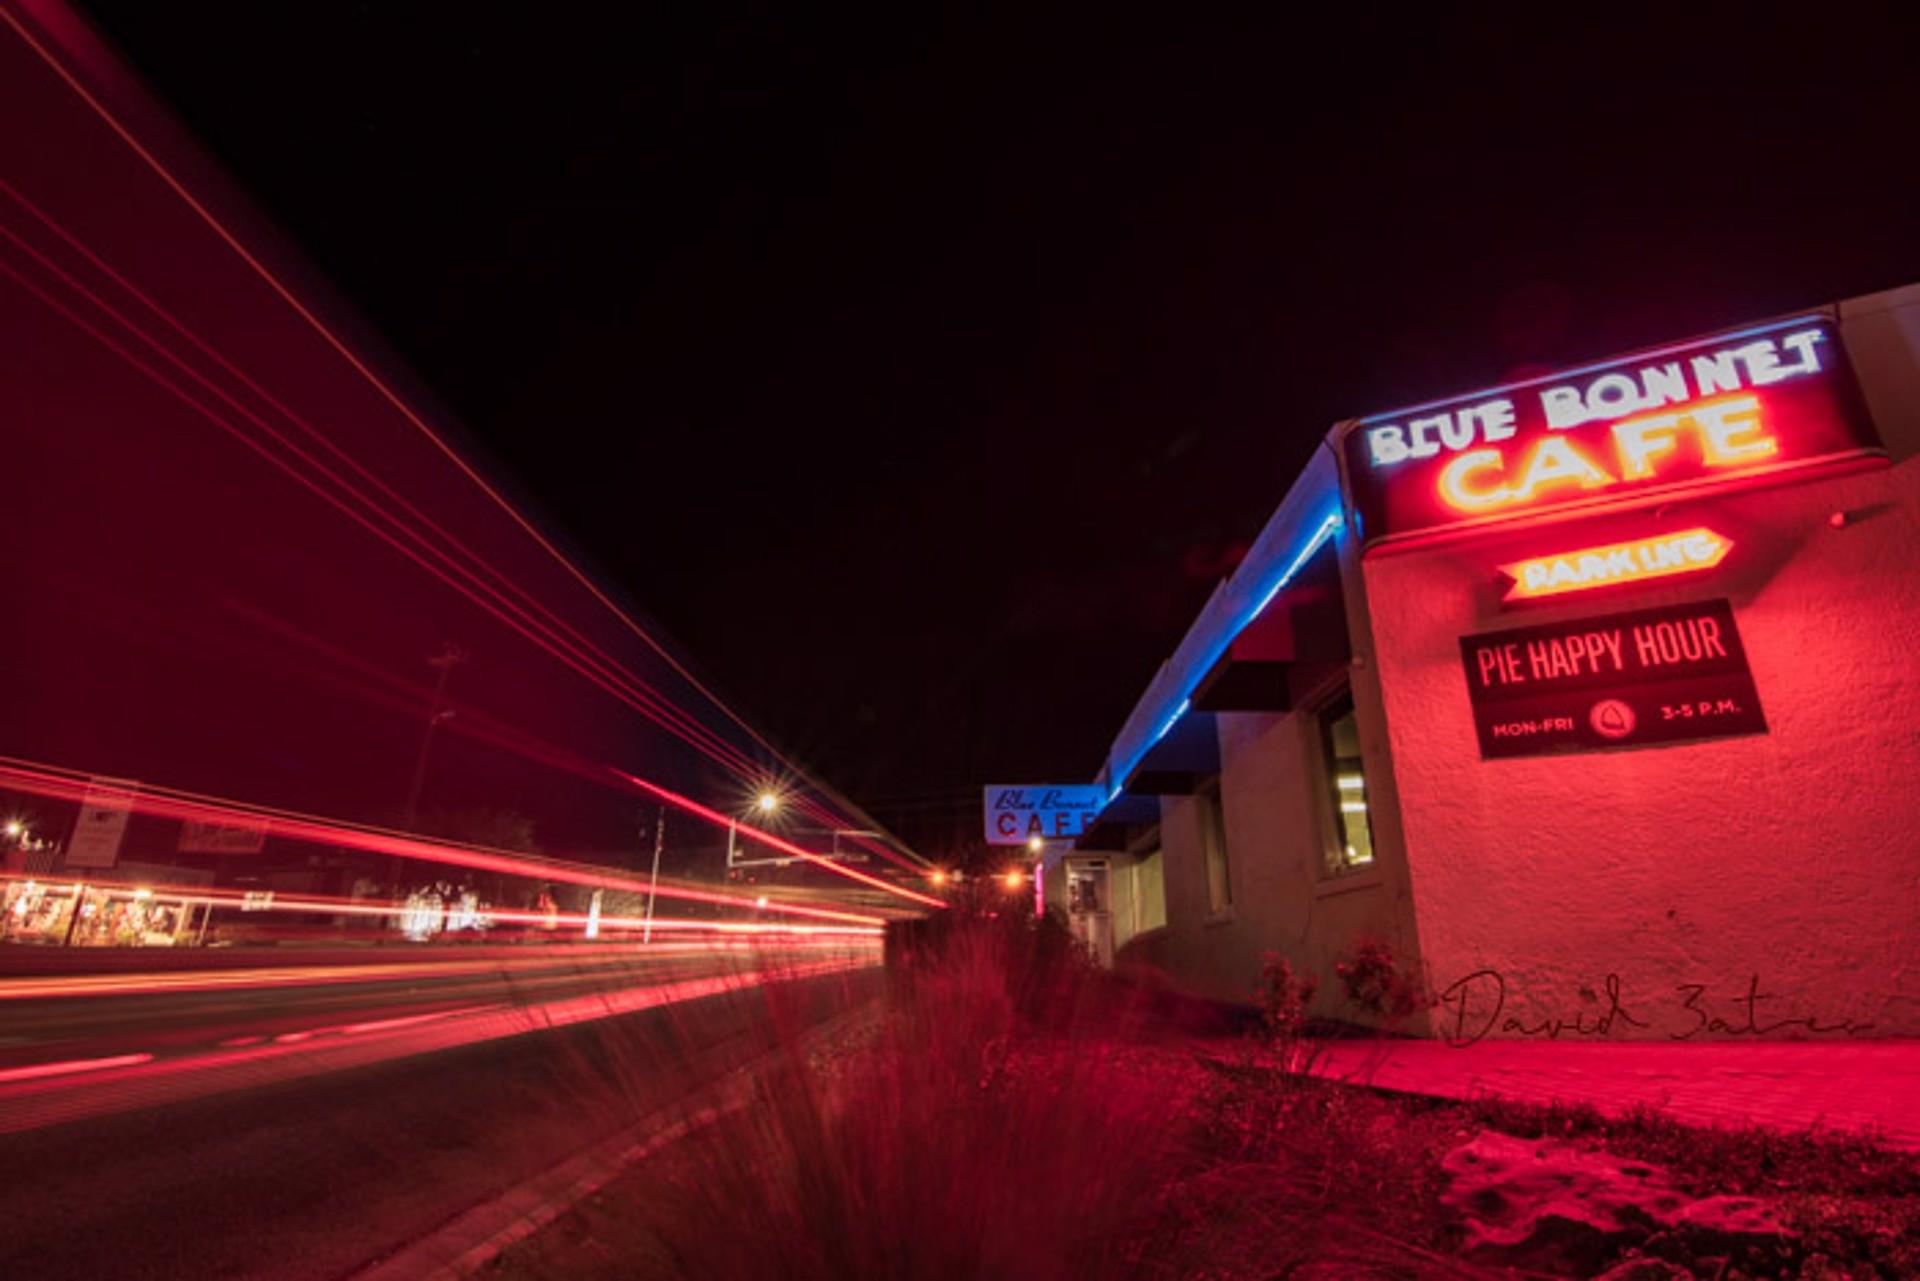 Bluebonnet café by David Bates